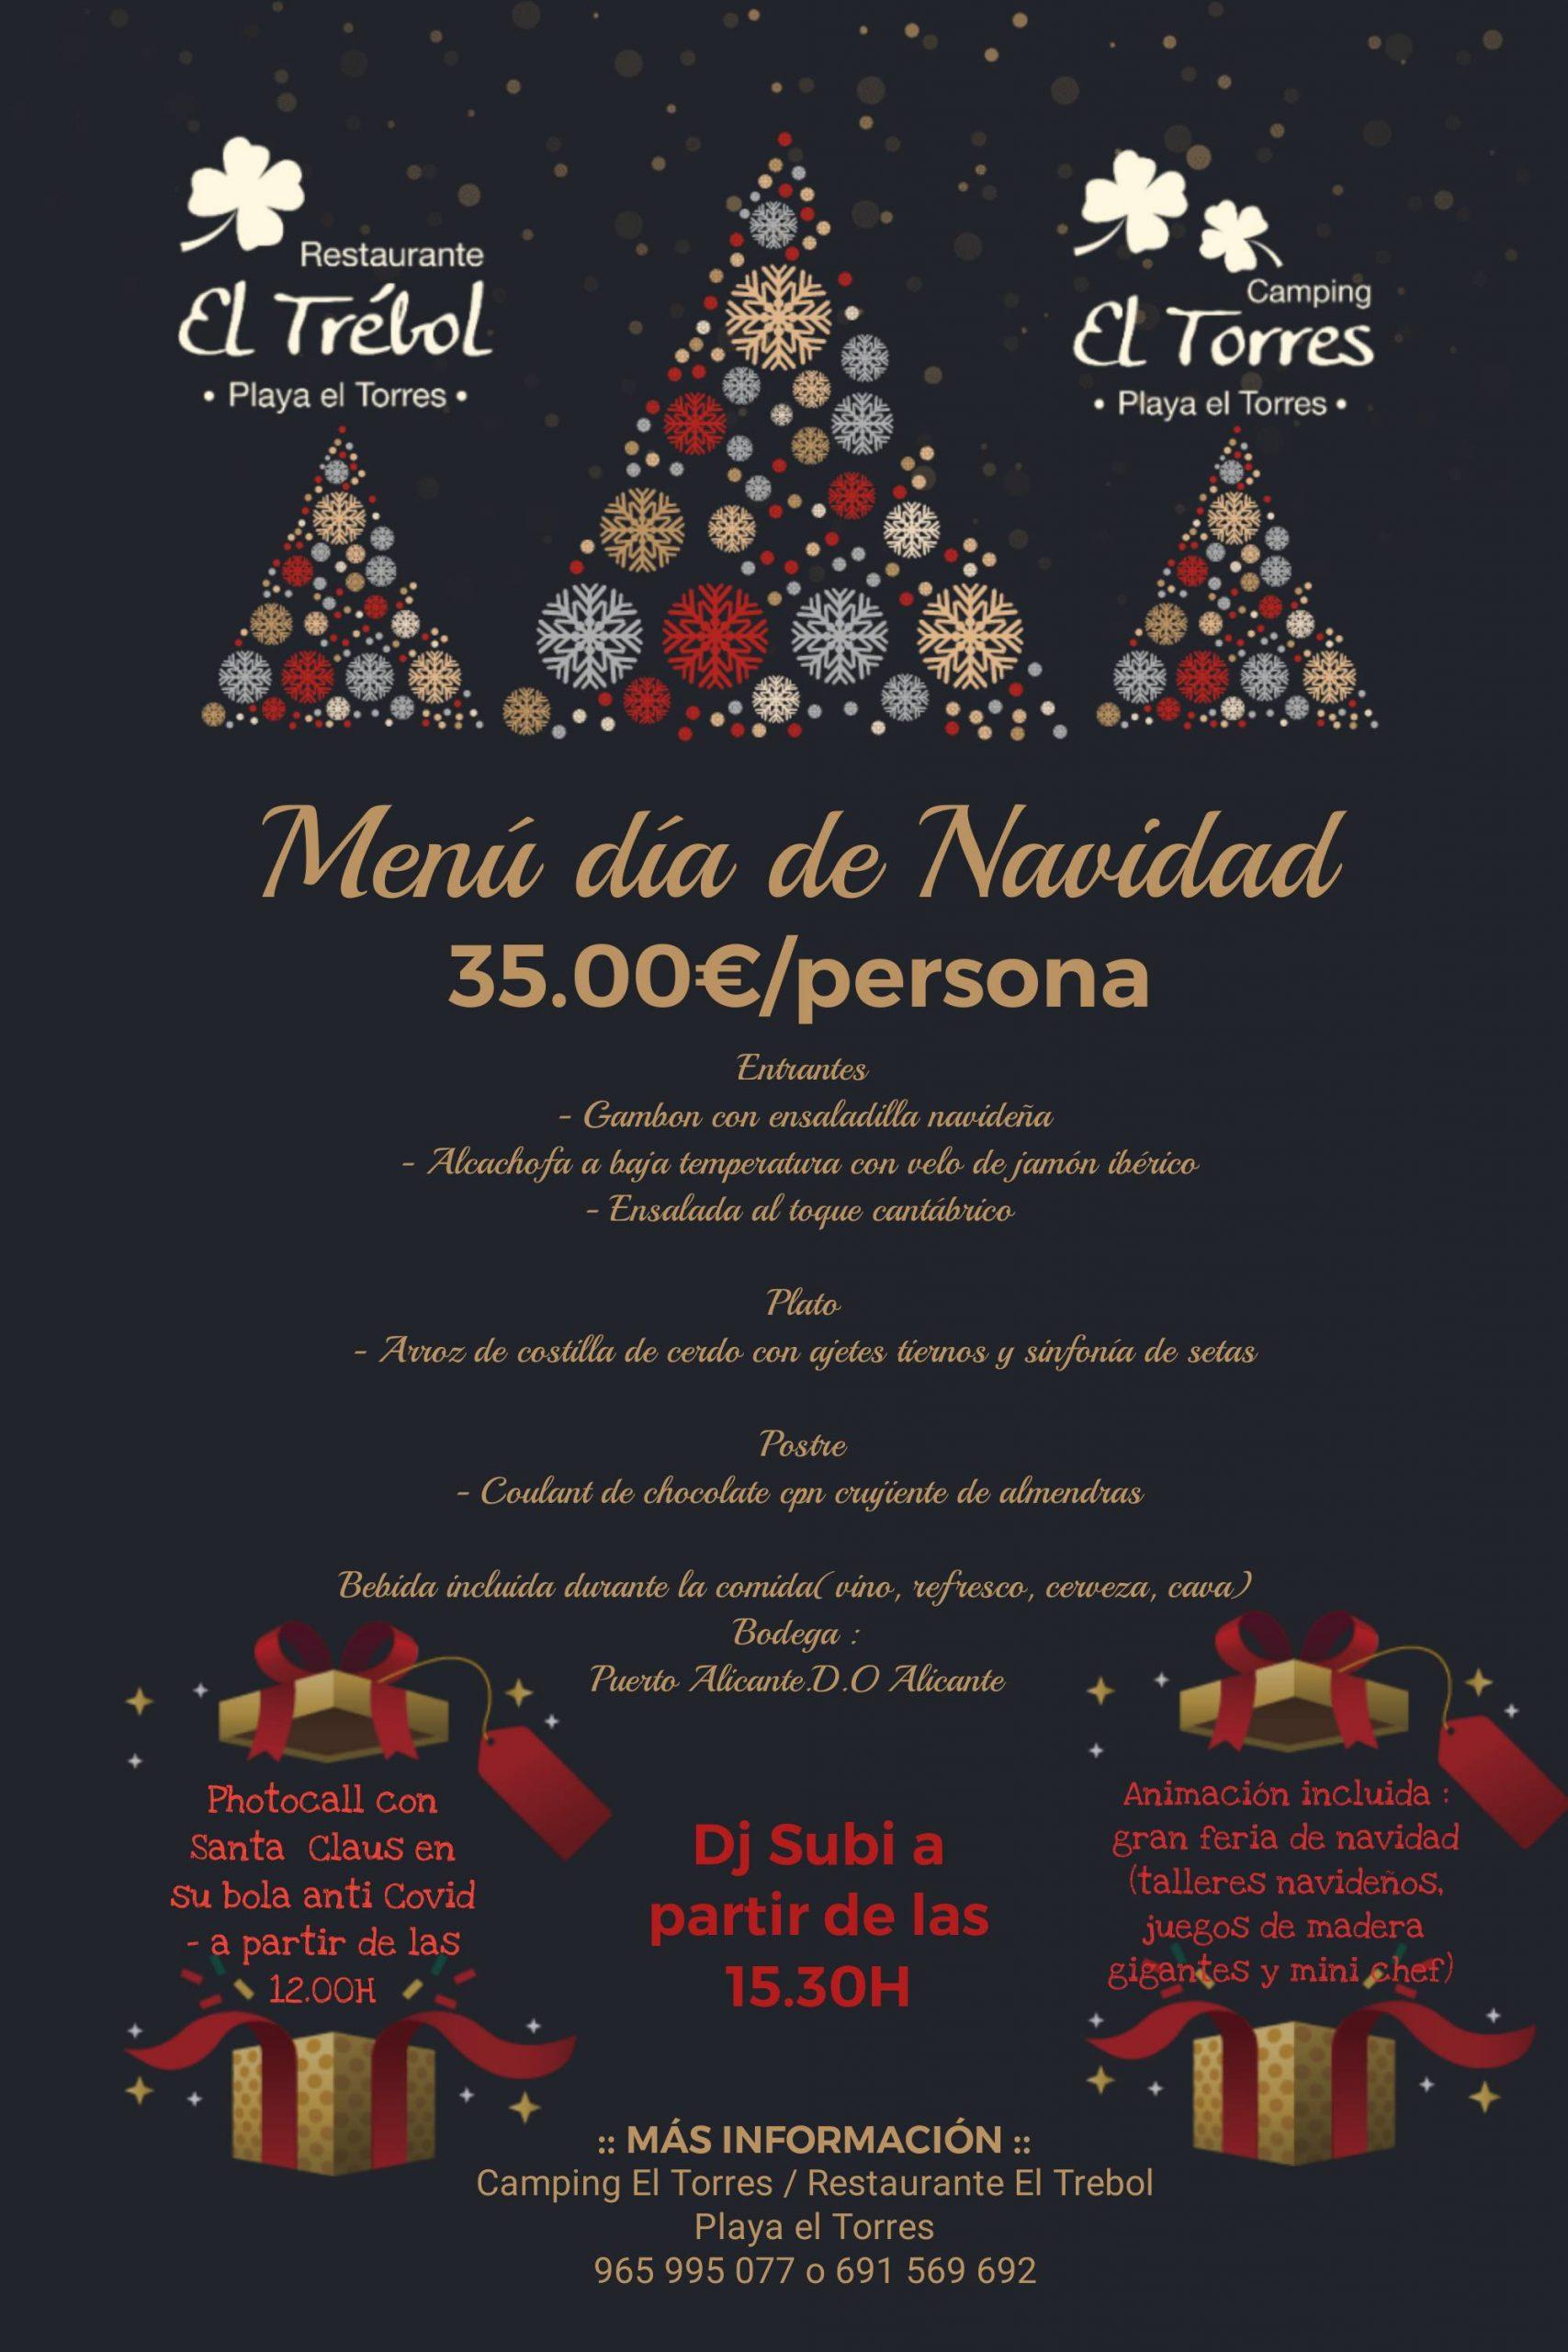 menus navidad y noche vieja 2020 restaurante el trebol camping el torres (7)